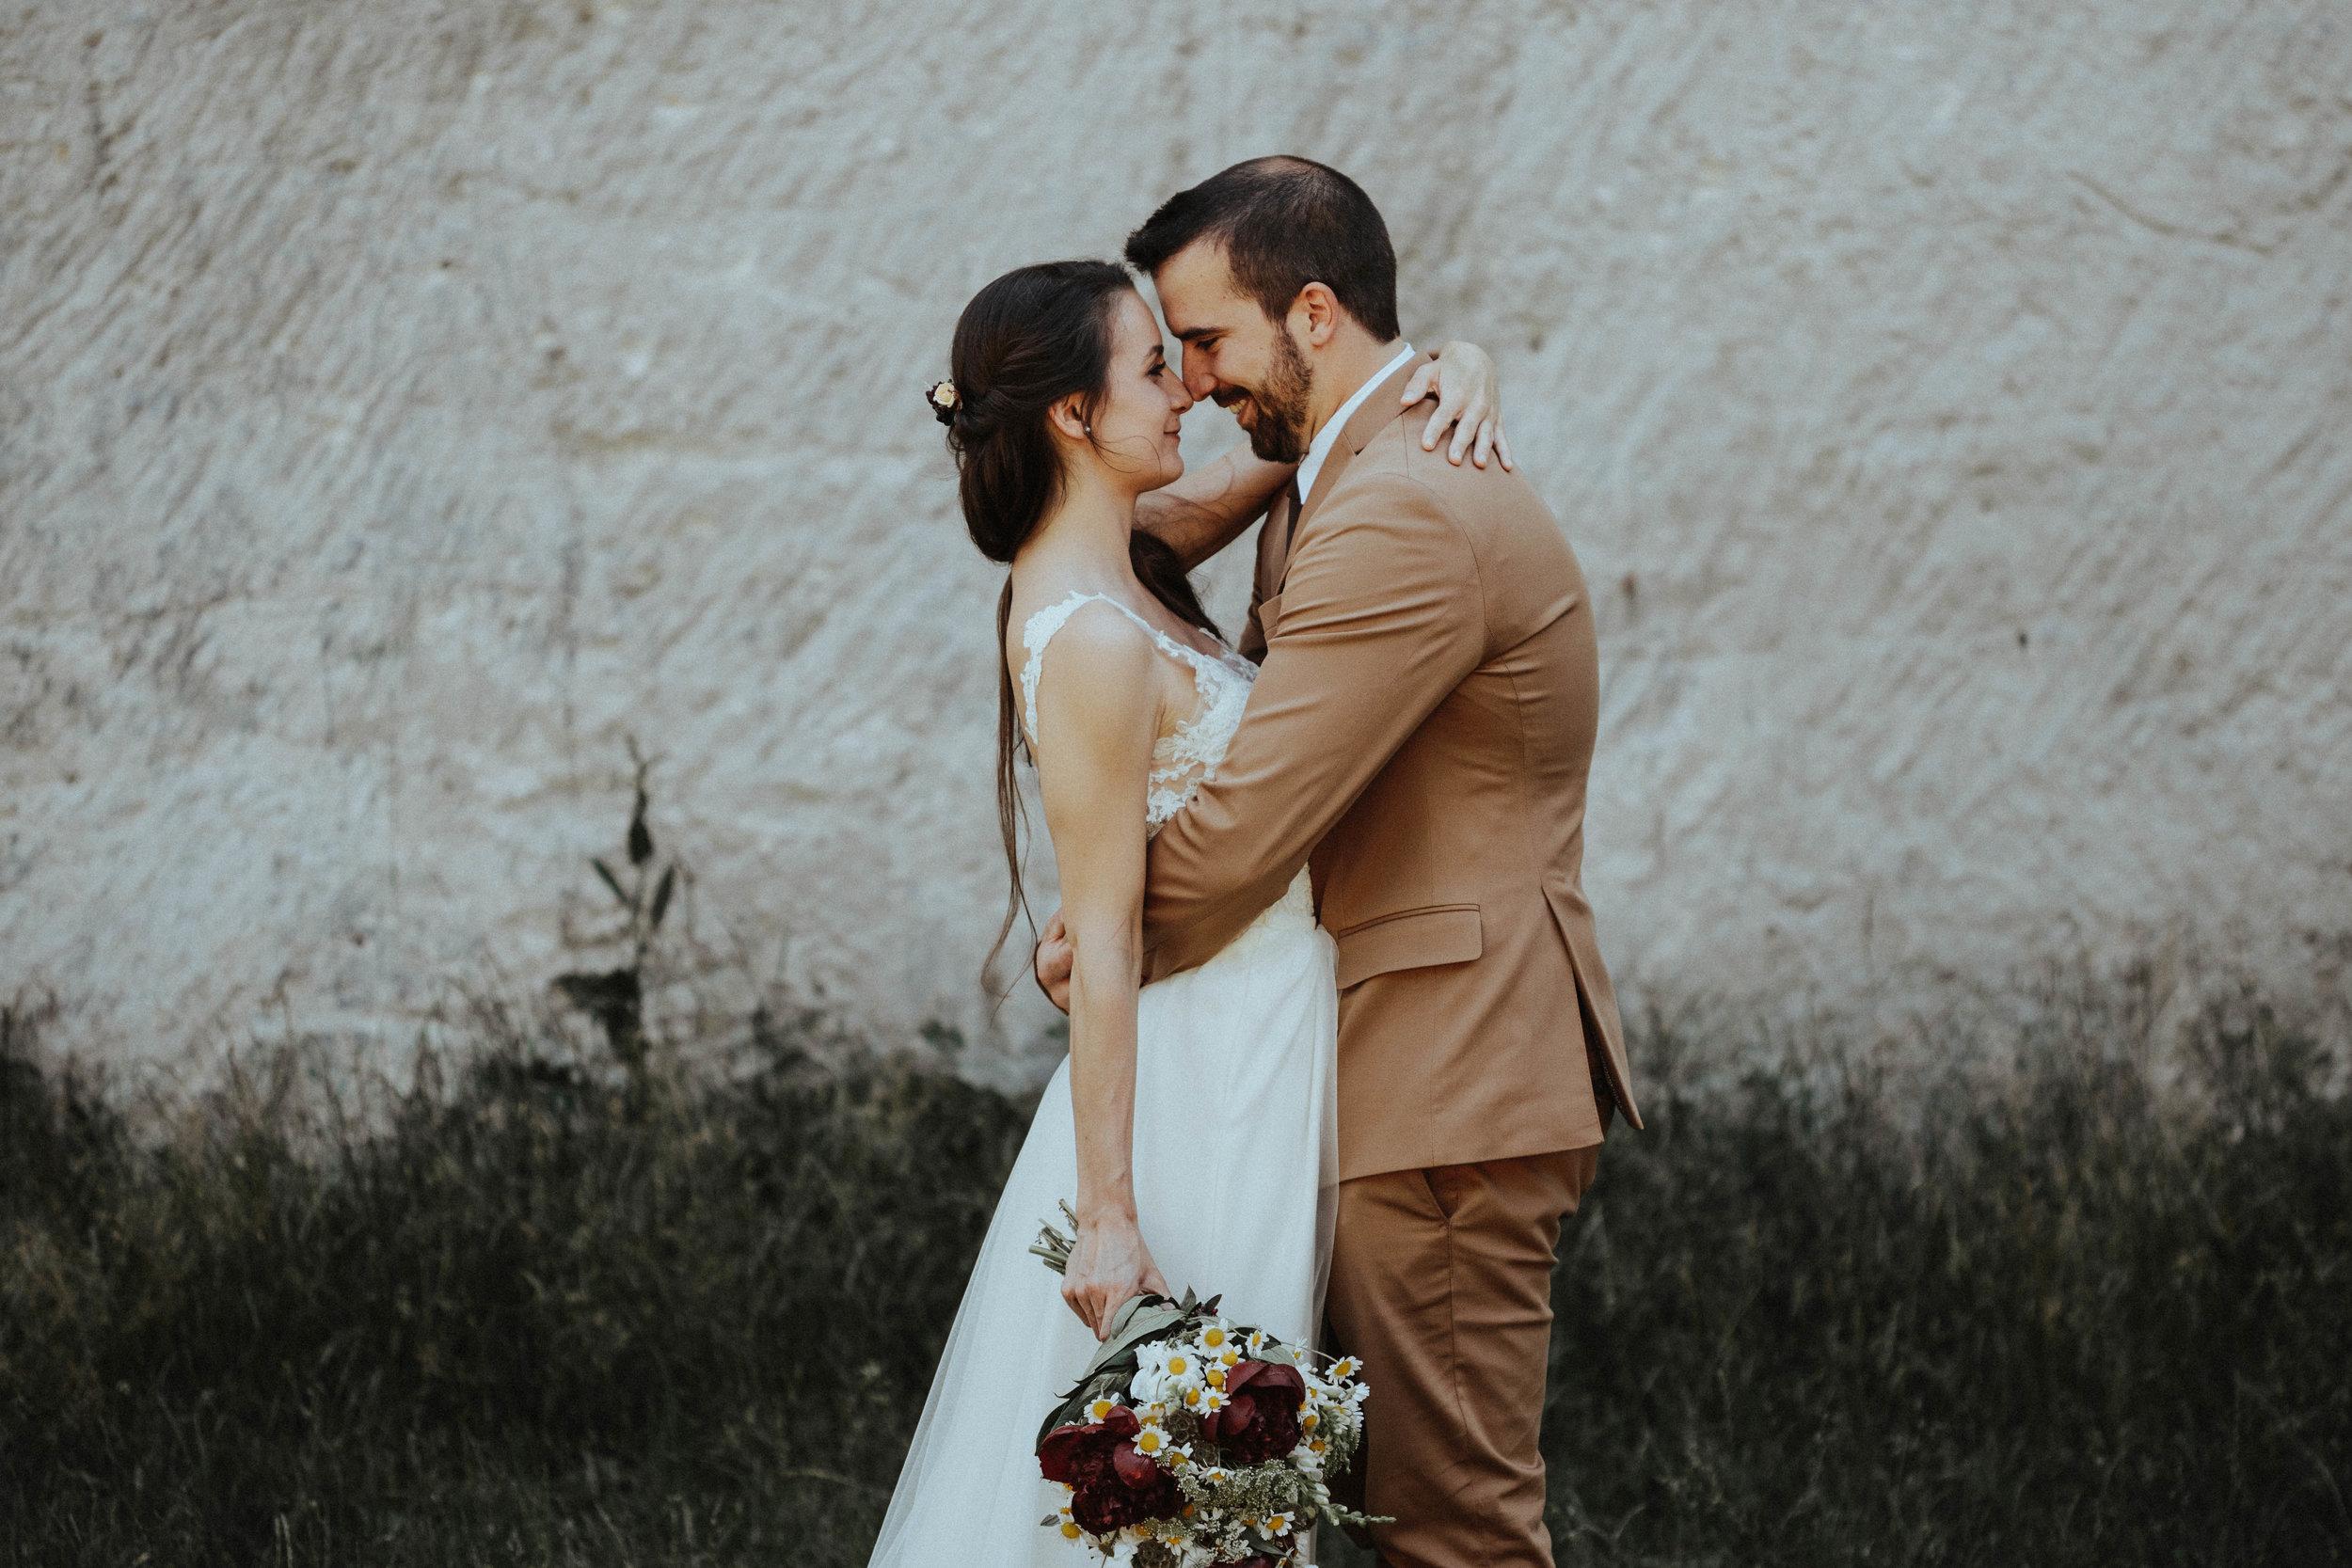 20170609_Eszti+Adi_wedding_w_063__MG_4154.jpg